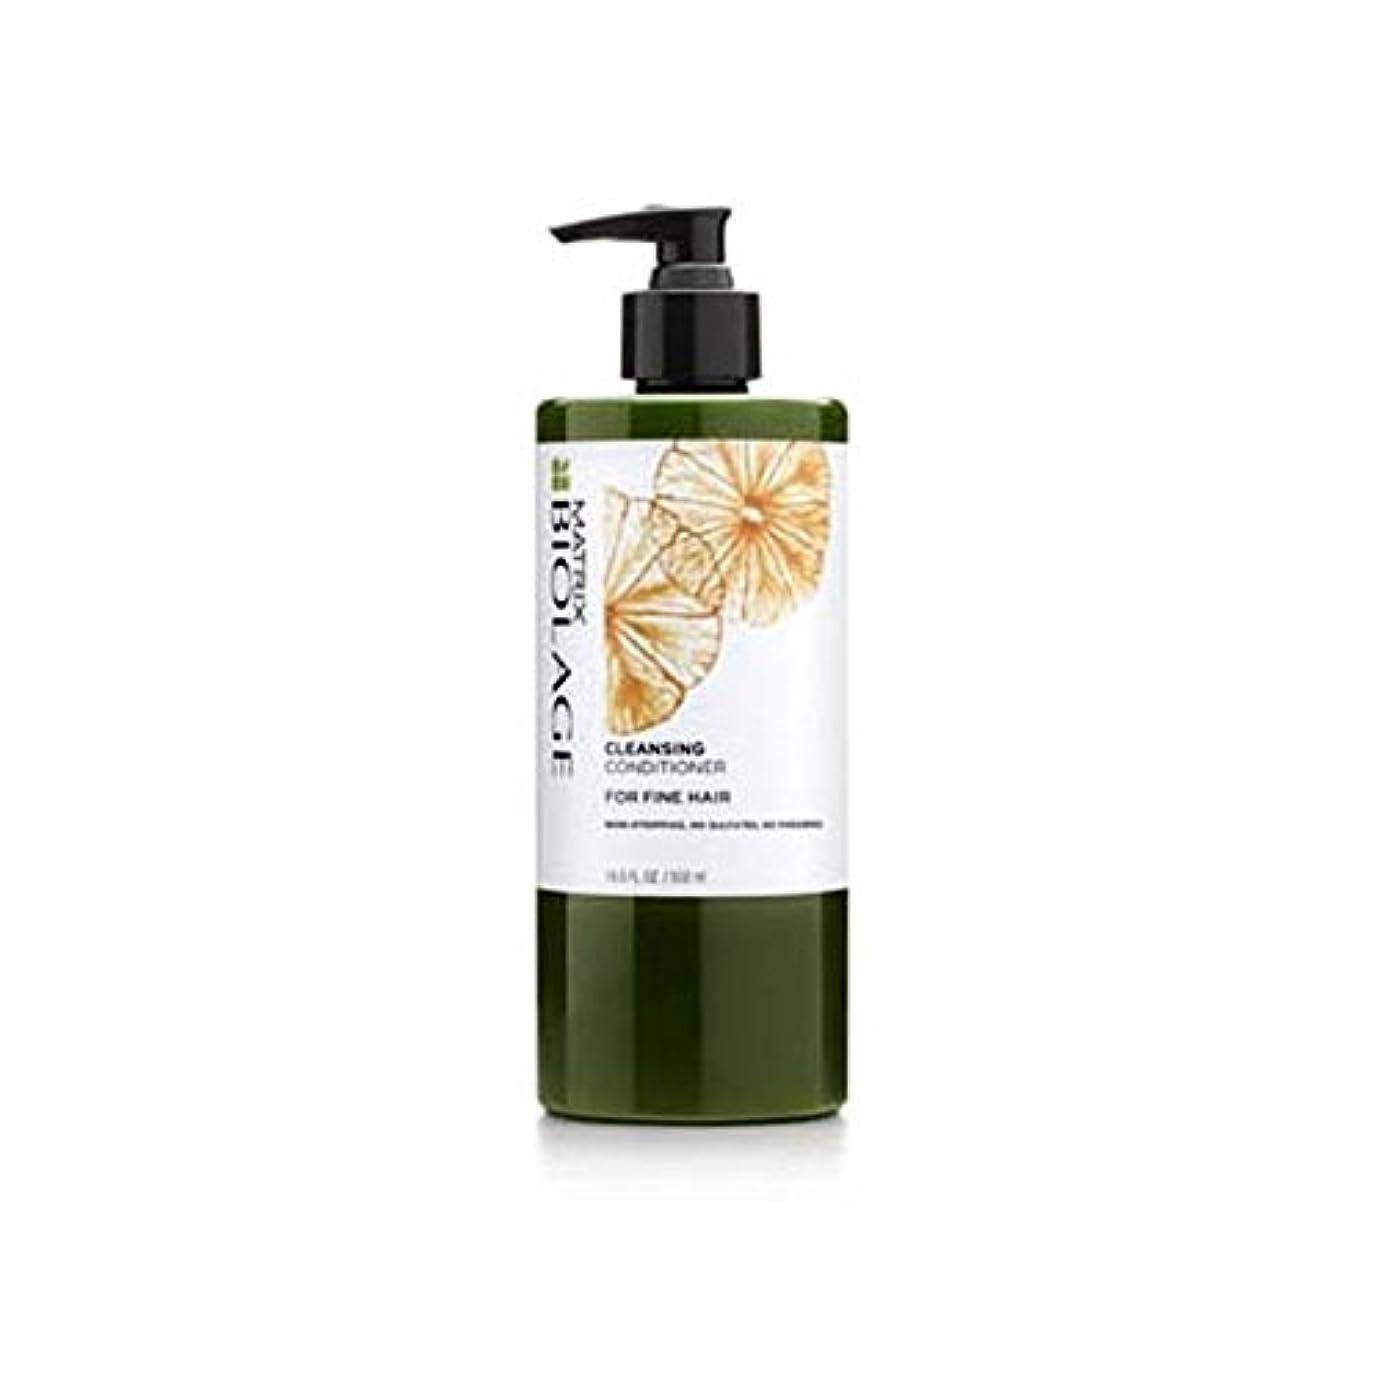 クレデンシャル青心理学Matrix Biolage Cleansing Conditioner - Fine Hair (500ml) (Pack of 6) - マトリックスバイオレイジクレンジングコンディショナー - 細い髪(500ミリリットル...